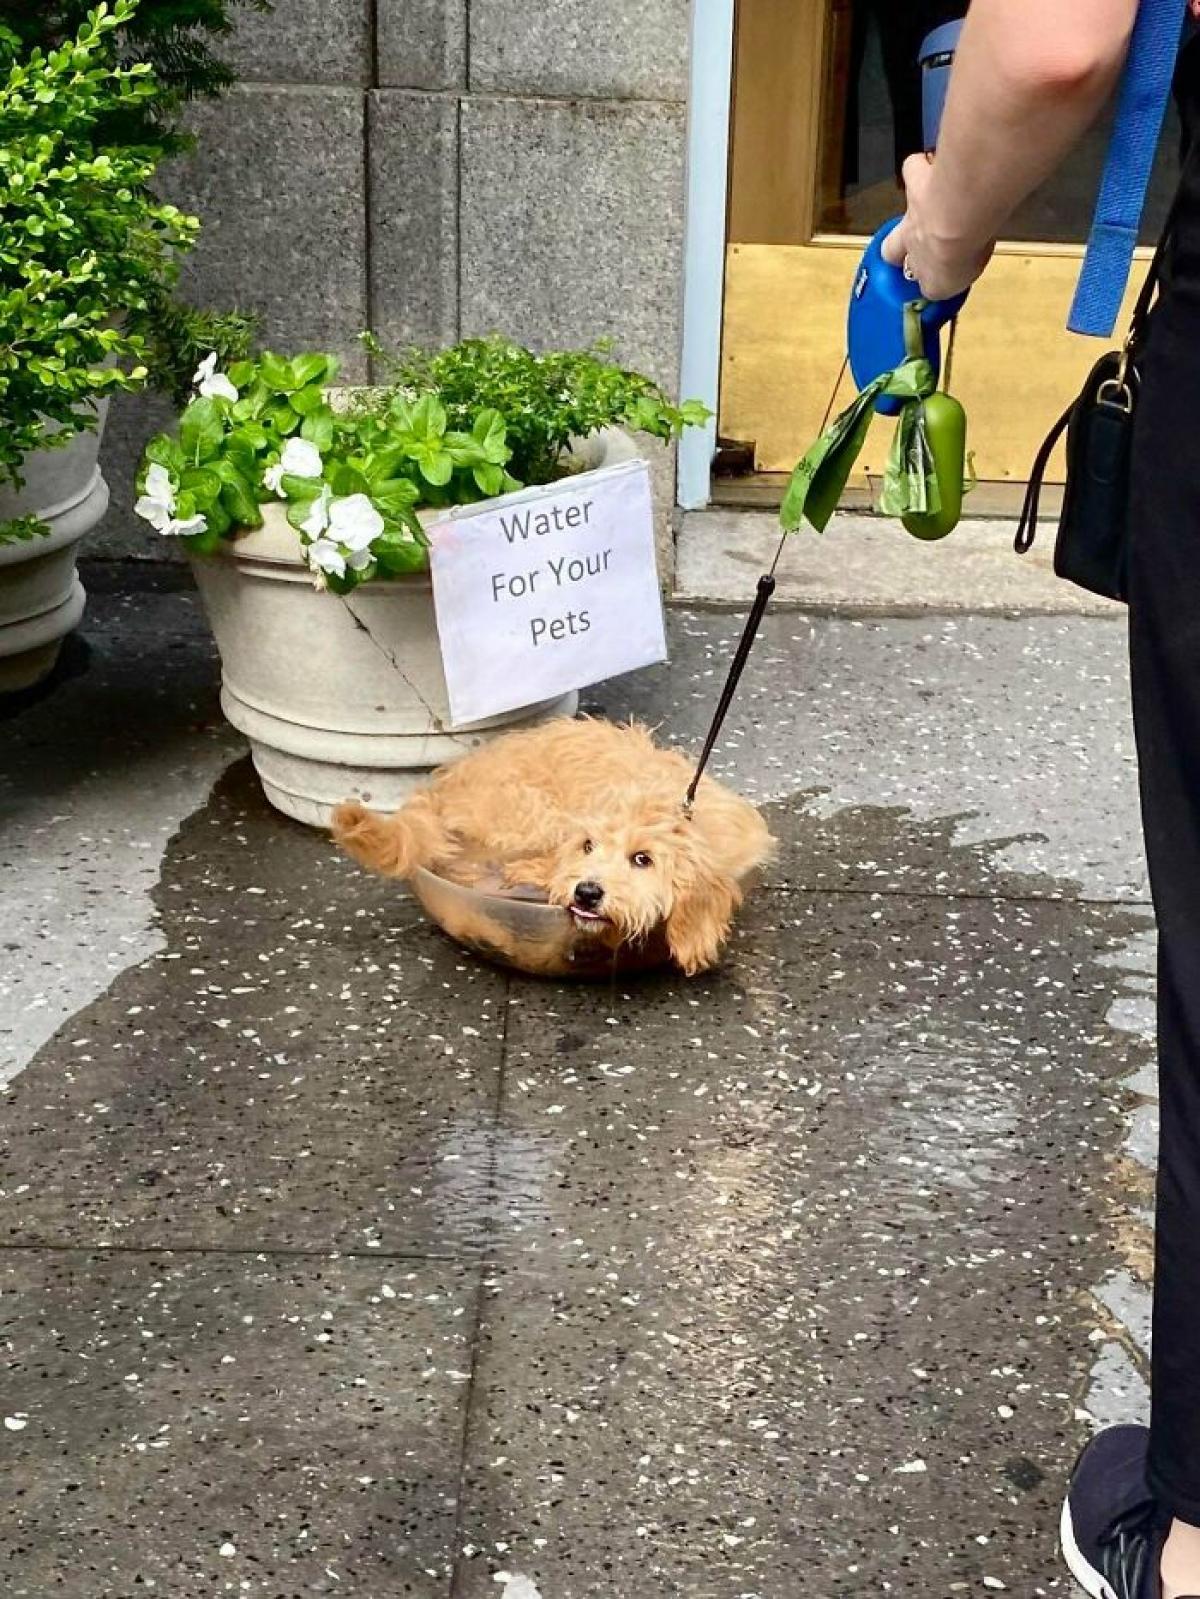 Lời nhắc nhở: Hãy tưới nước cho cún cưng của bạn.